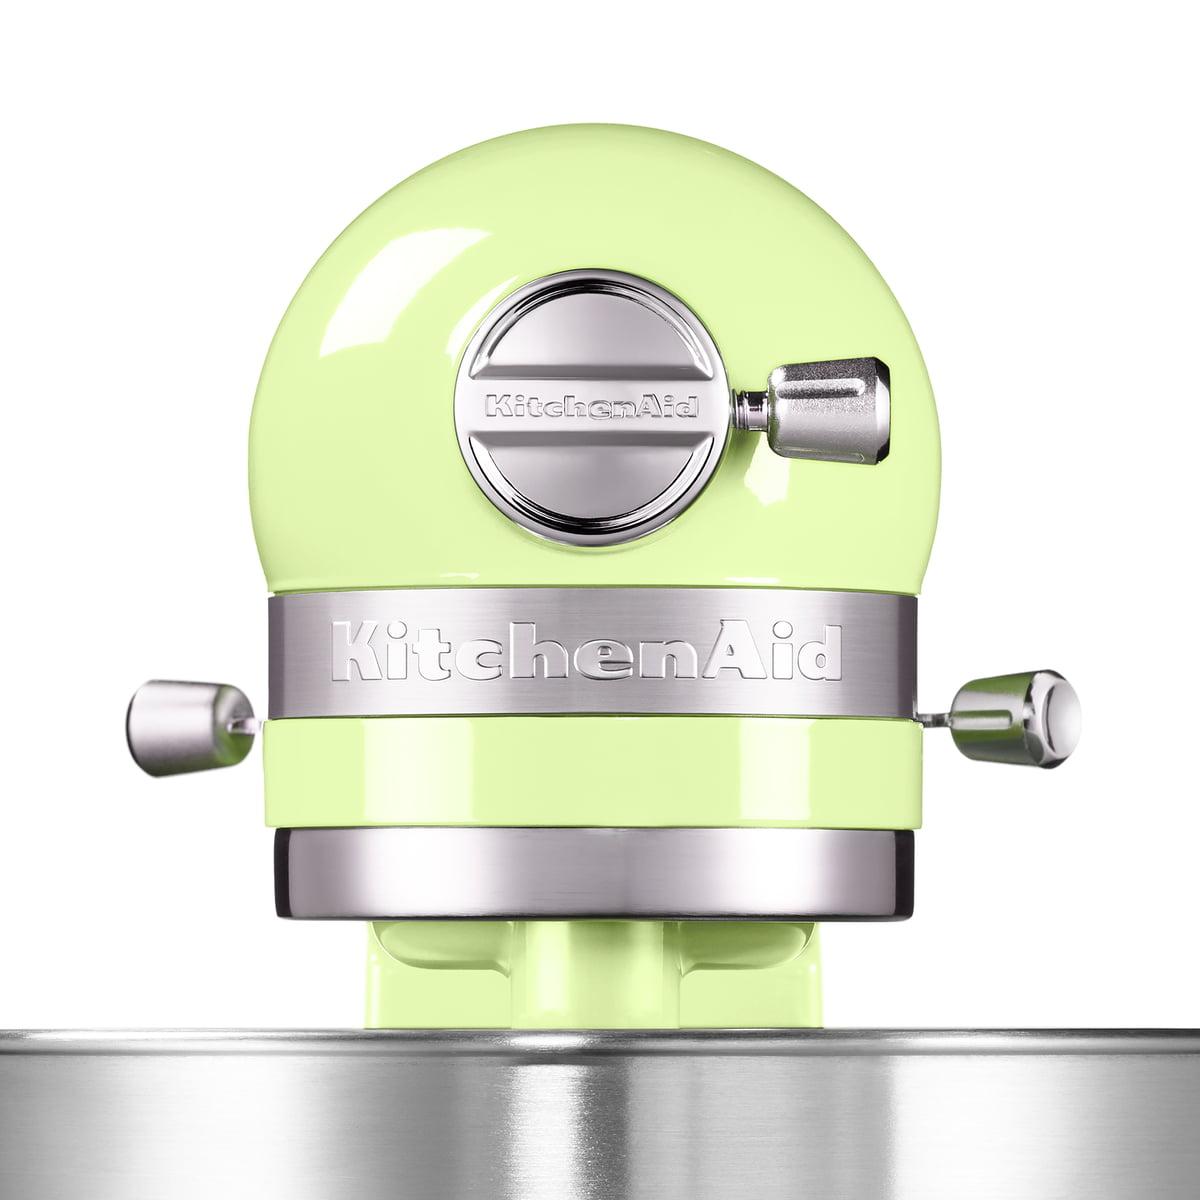 Mini kitchen appliance 3 3 l by kitchenaid - Kitchenaid mini oven ...